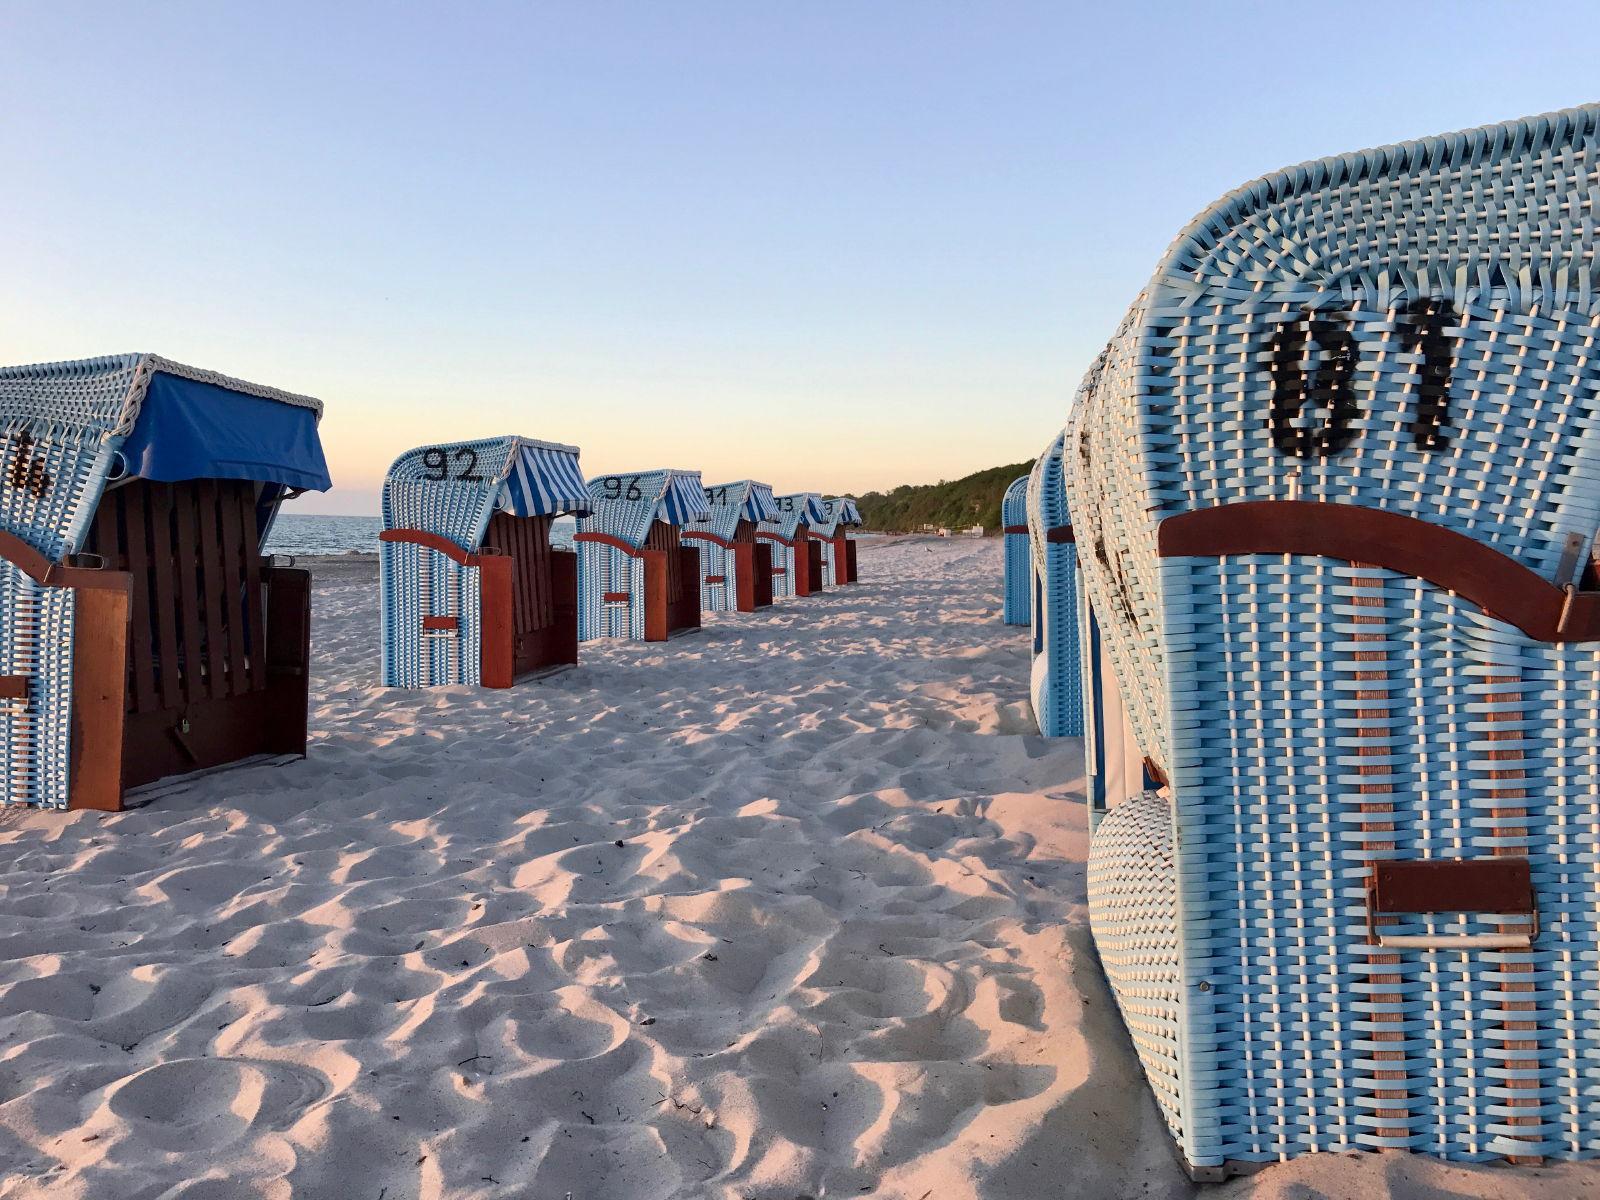 Strandkorb am meer wallpaper  Nach der Saison ist vor der Saison ~ Strandmagazin